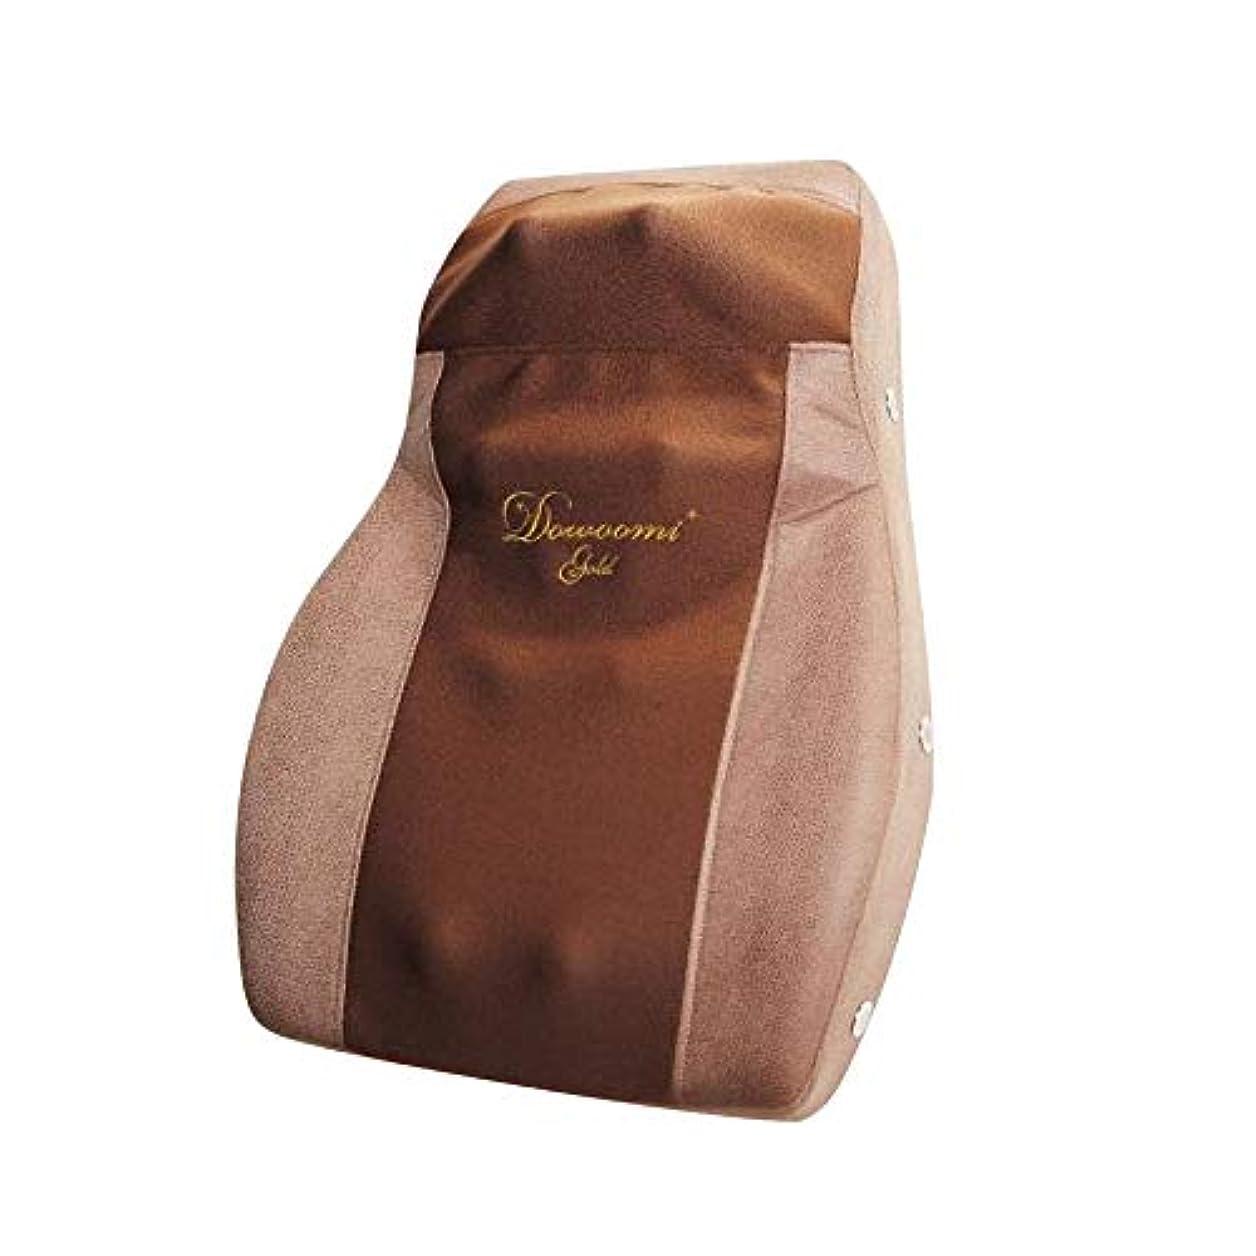 添付運動するズームWellbeing Dowoomi Massager Gold Plus ドウミ マッサージ クッション ゴールド プラス [並行輸入品]